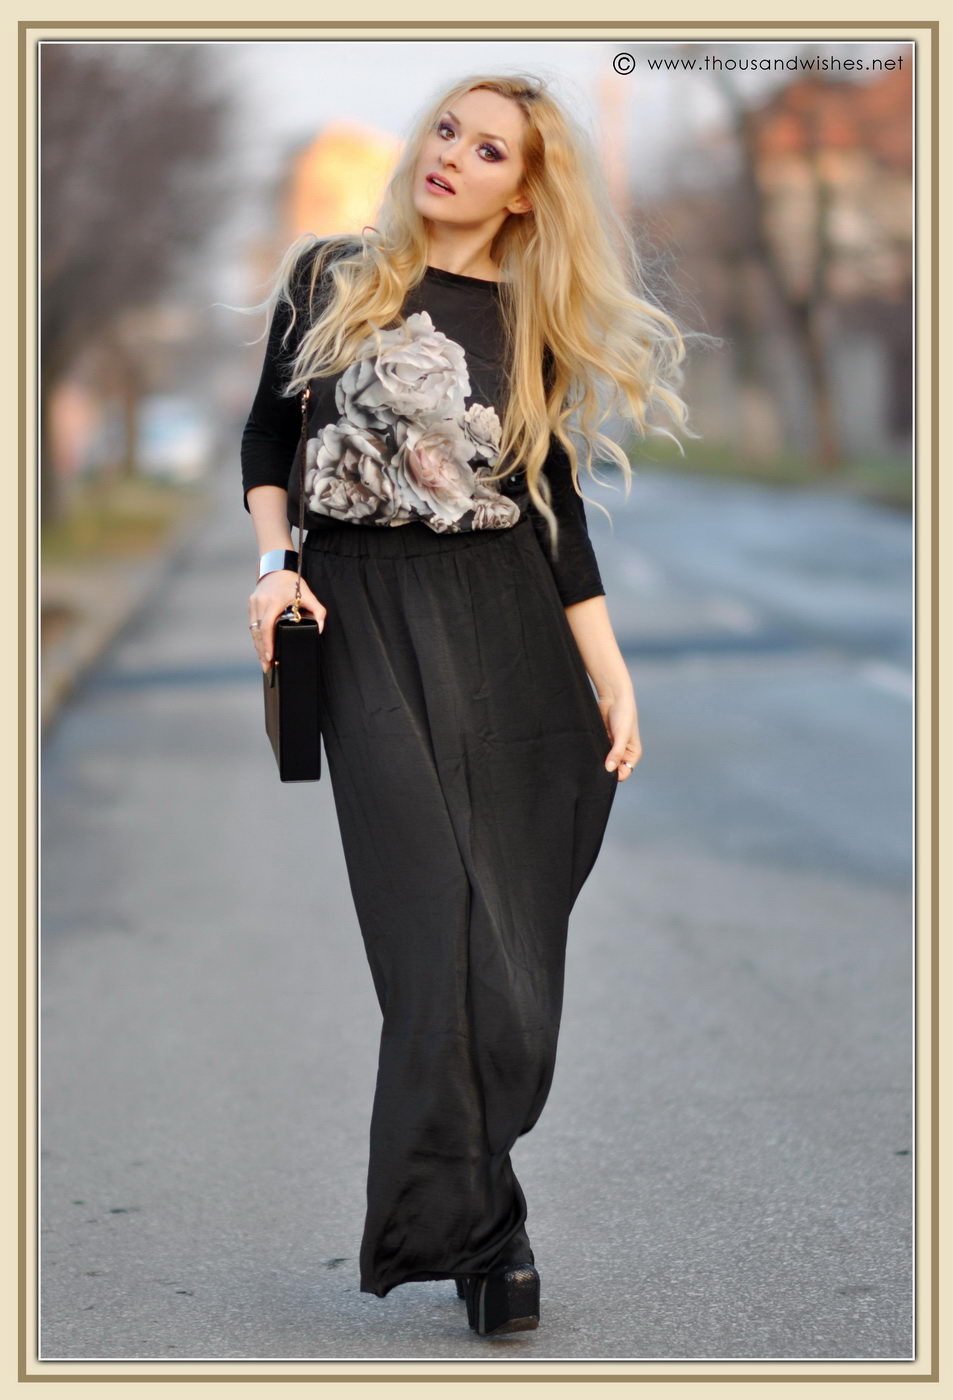 12_glossy_black_bag_skirt